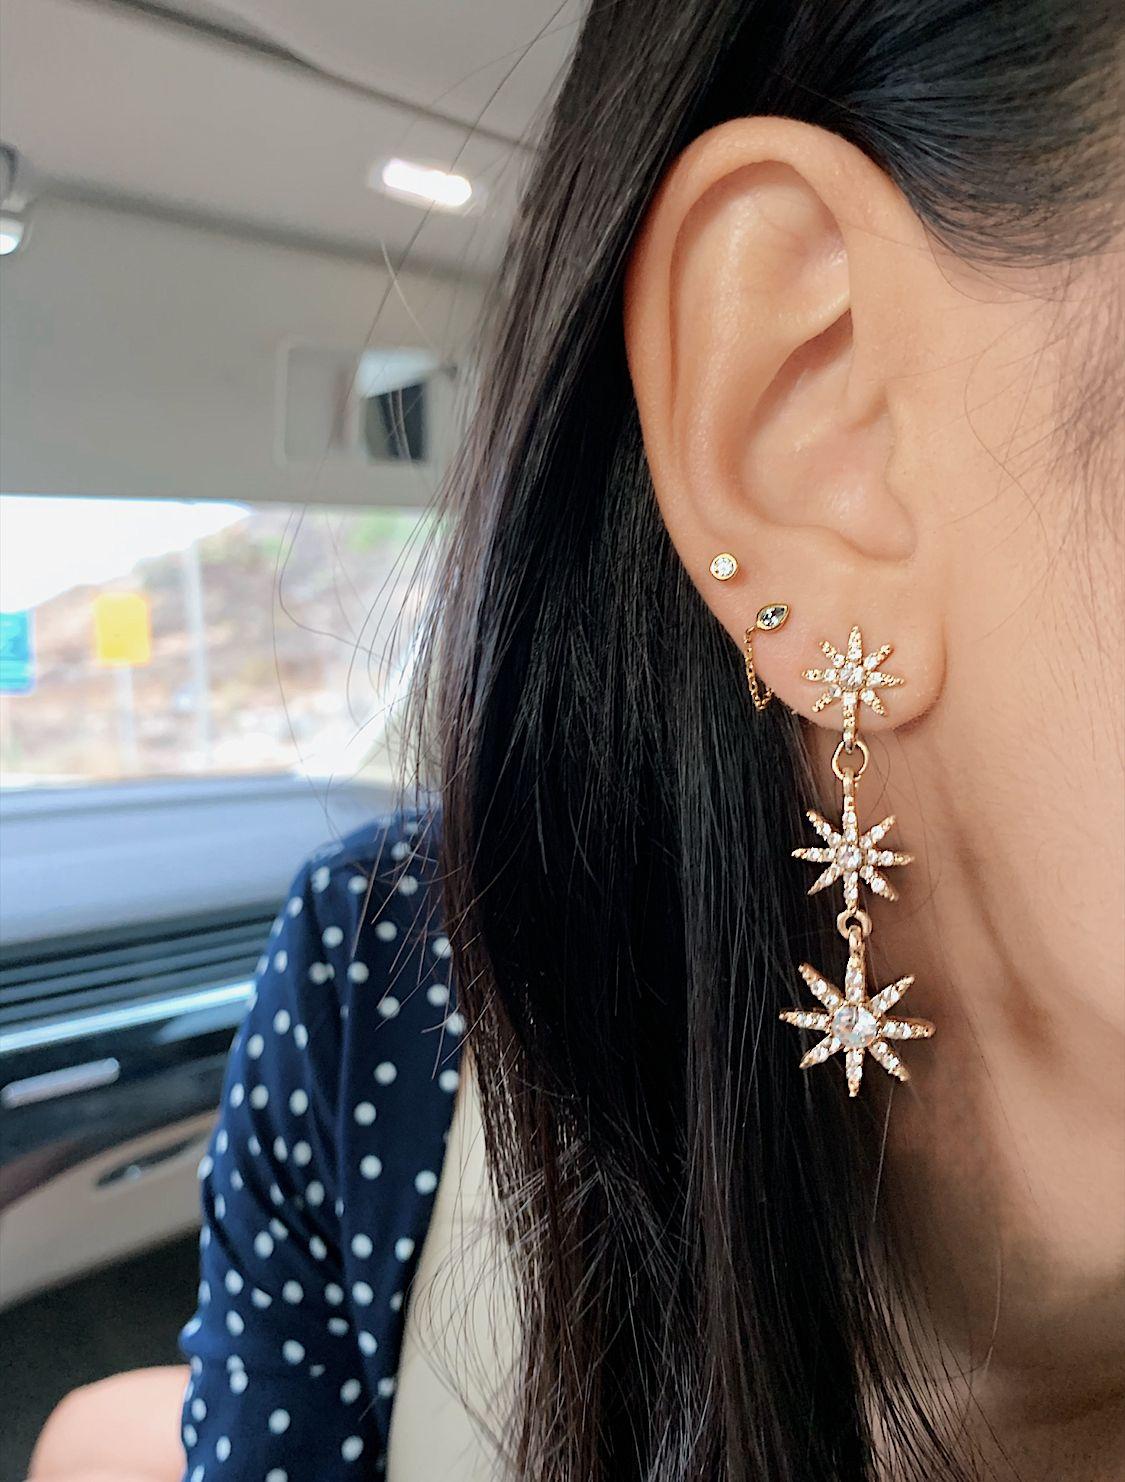 925 sterling silver round hammered earrings hammered disco plate earrings ear stud lobe earrings 1 pair